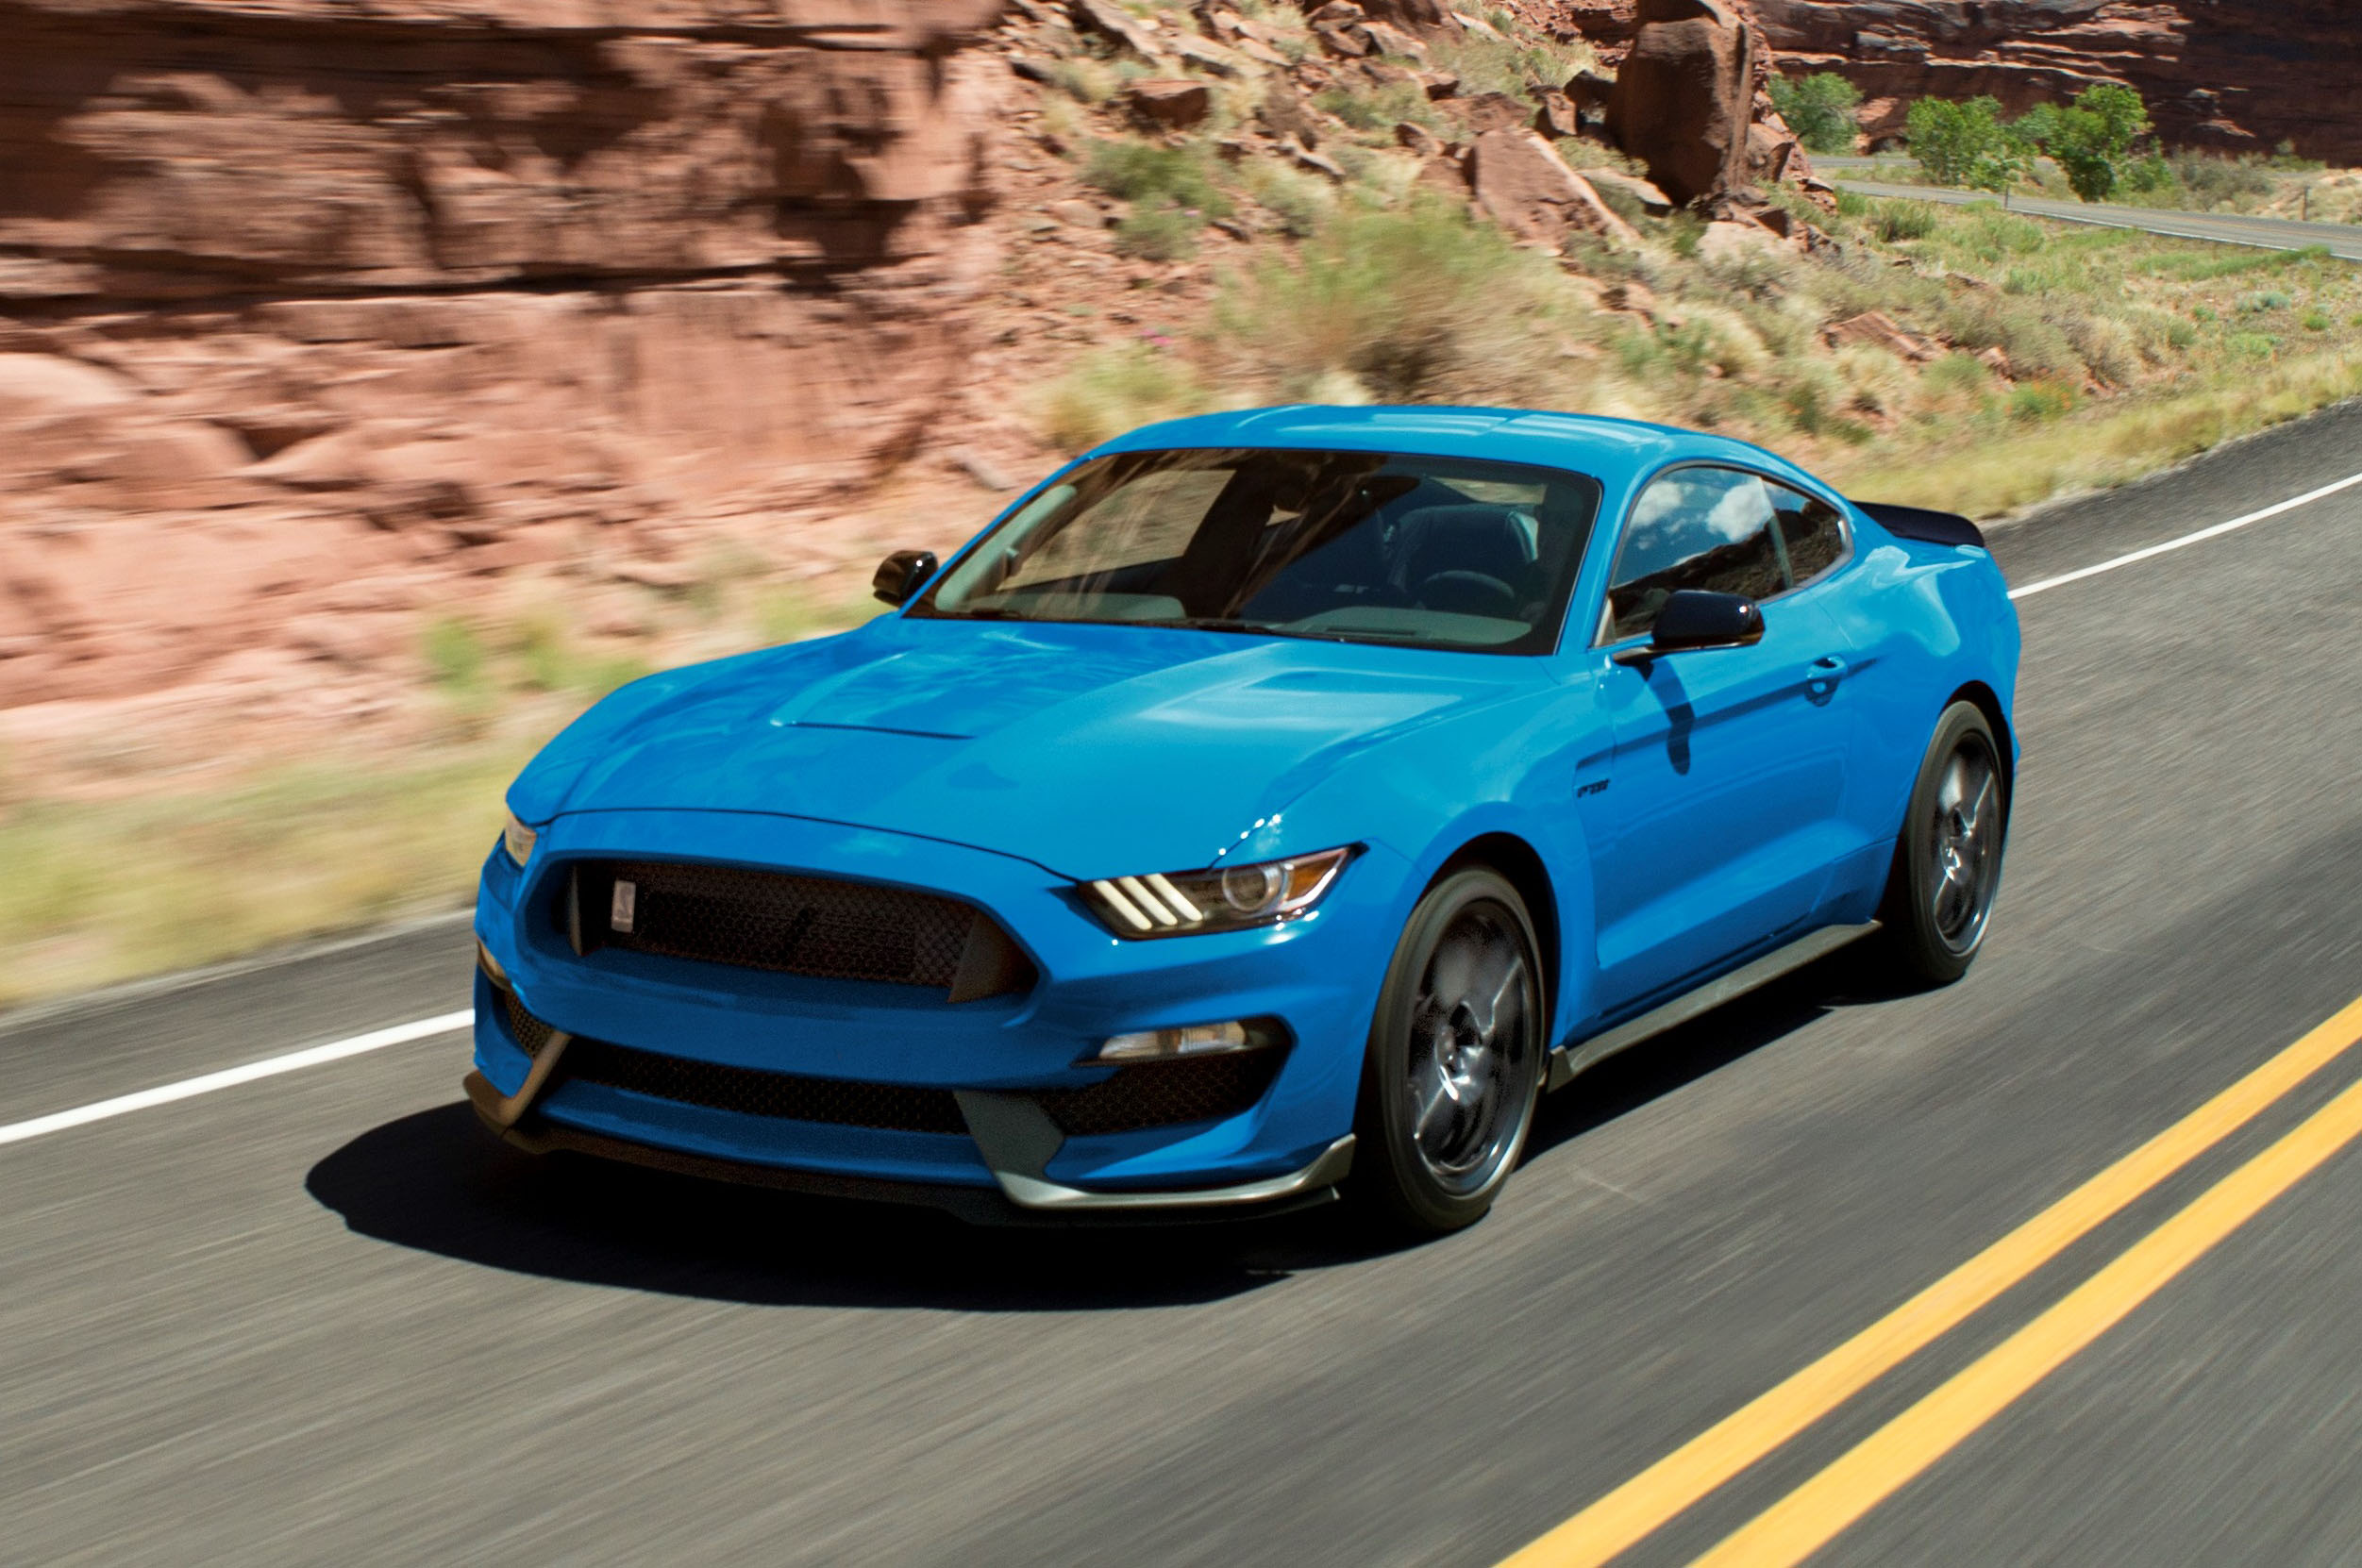 2018 Shelby Gt350 >> Ford Shelby GT350 Mustang continúa para el año modelo 2018 - Motor Trend en Español